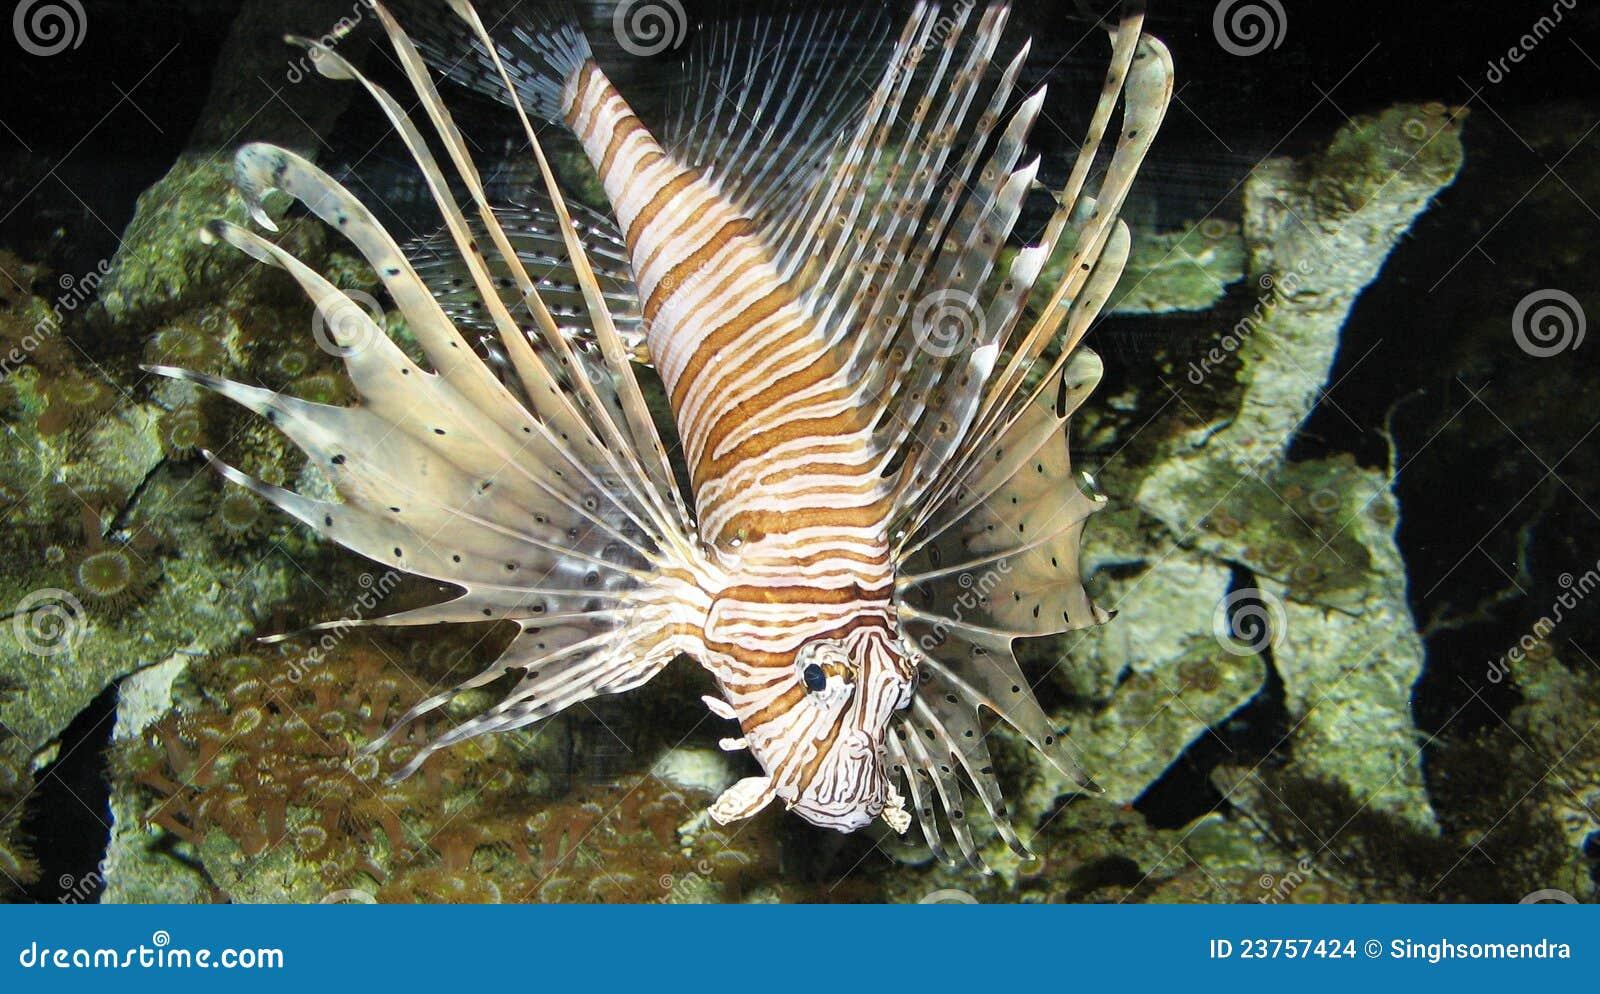 Een Mooie Vis Binnen Een Aquarium Stock Afbeeldingen   Afbeelding  23757424